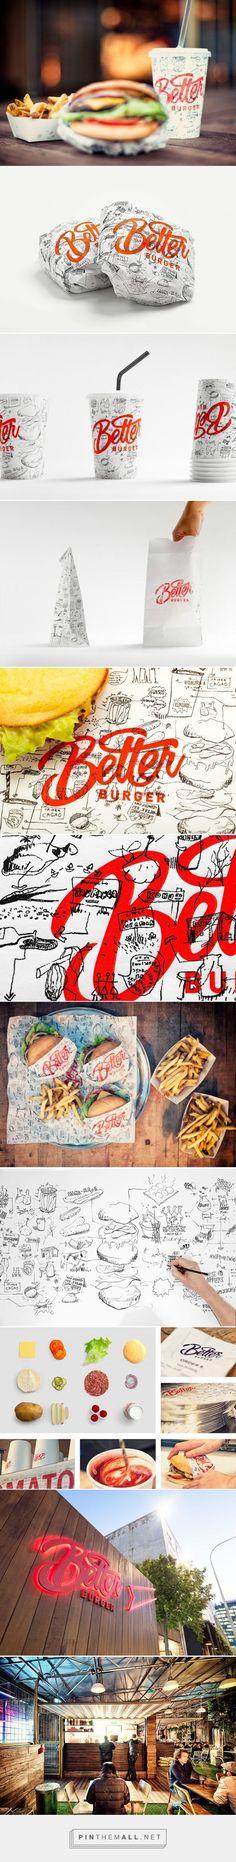 Diseño de etiquetas y empaques con tipografías divertidas para un restaurant